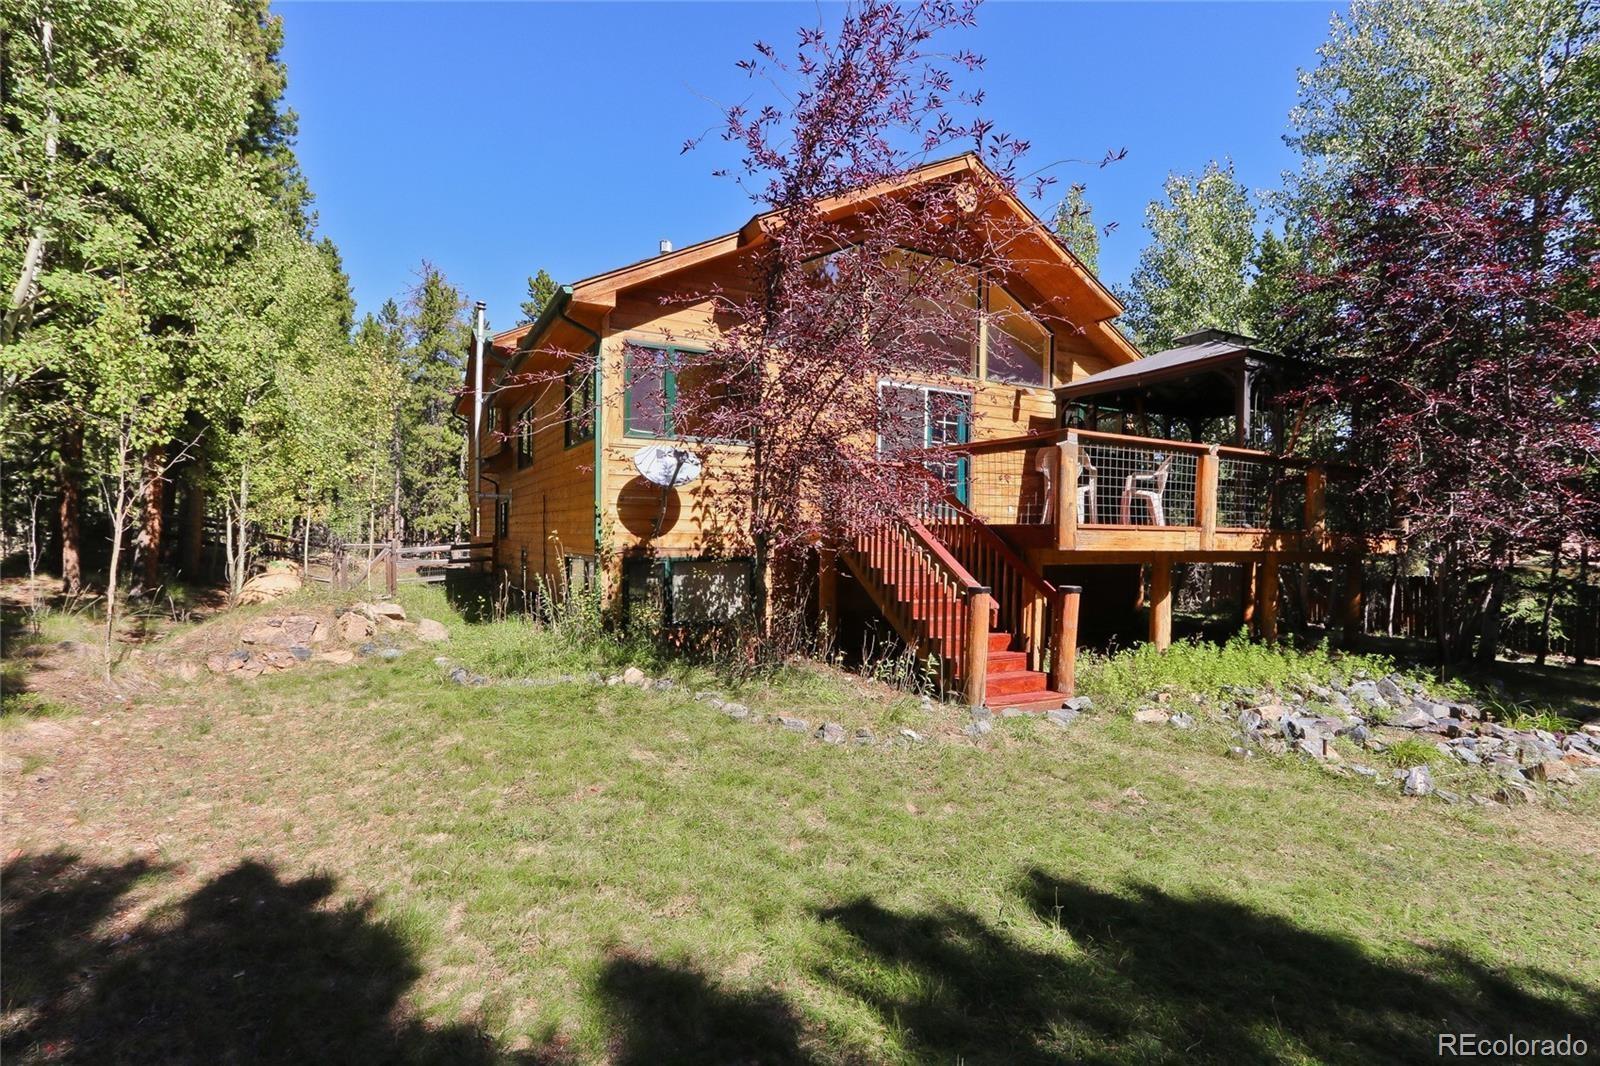 MLS# 5425056 - 1 - 9370  Greening Drive, Conifer, CO 80433